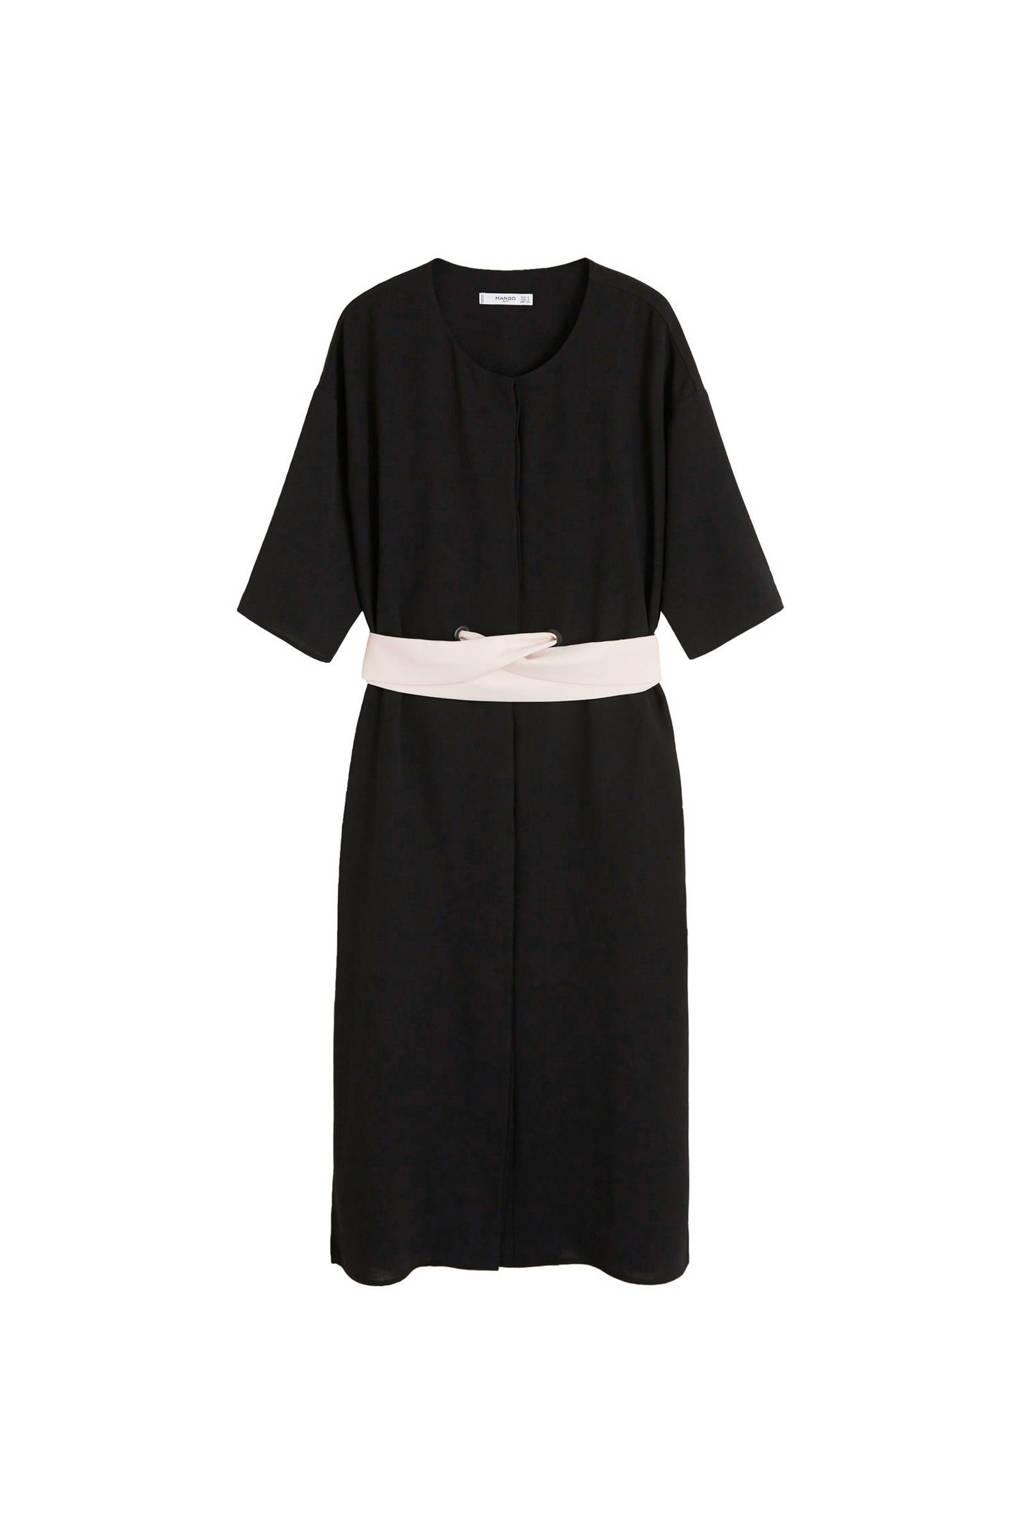 Mango jurk met bindceintuur, Zwart